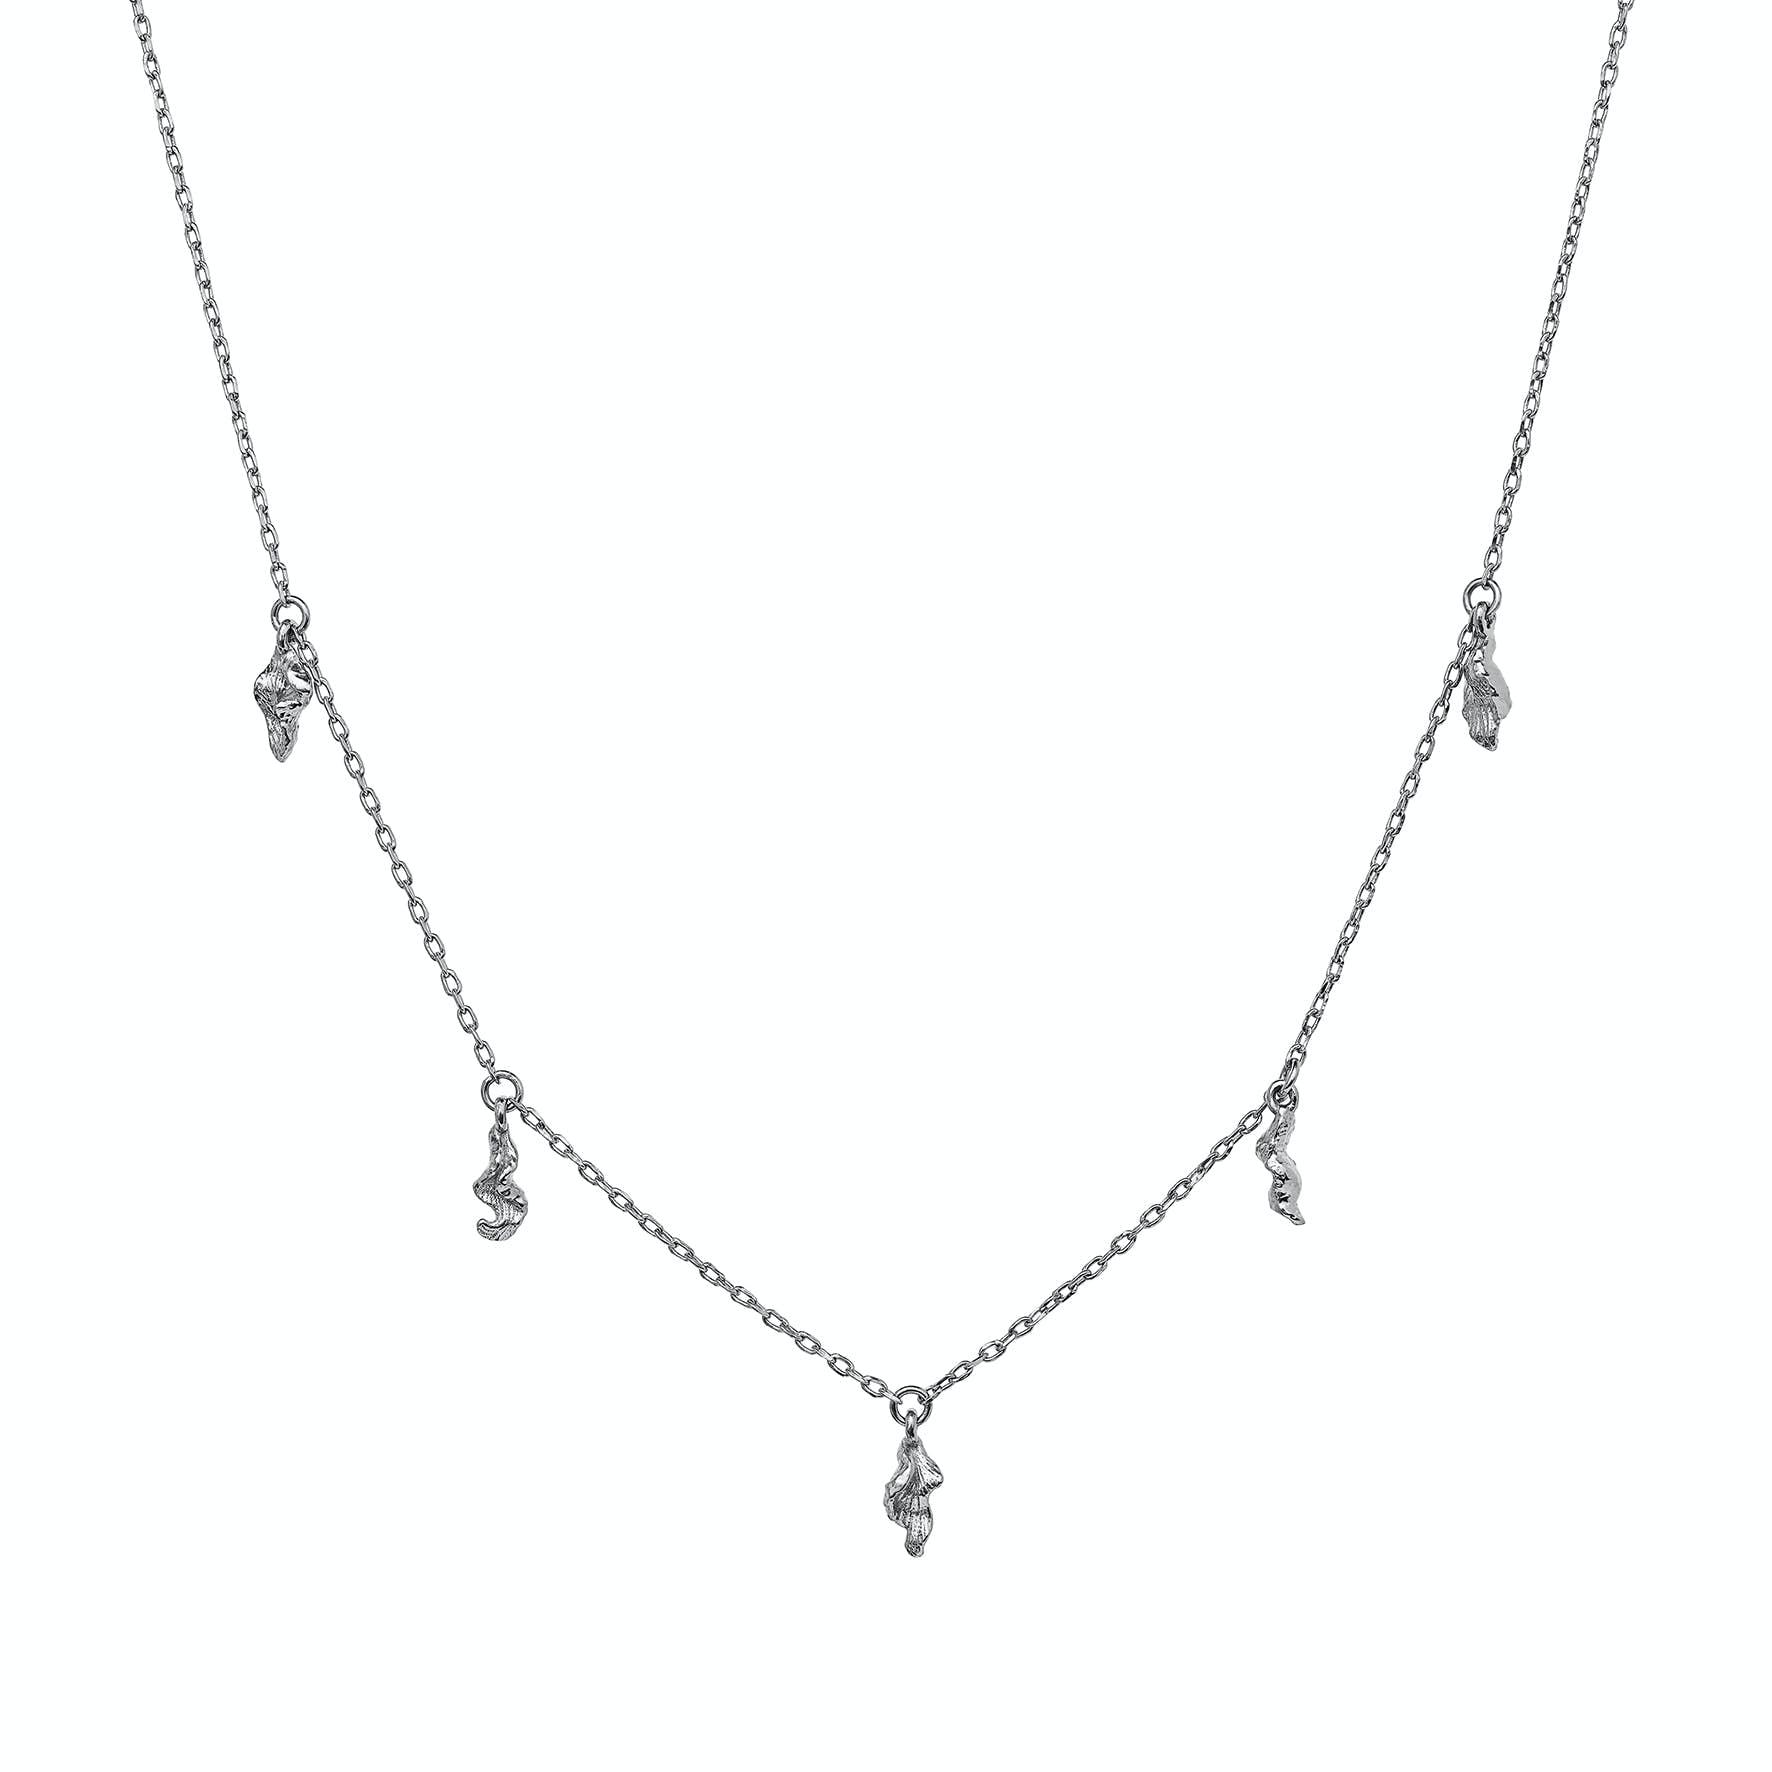 Marylou Necklace fra Maanesten i Sølv Sterling 925